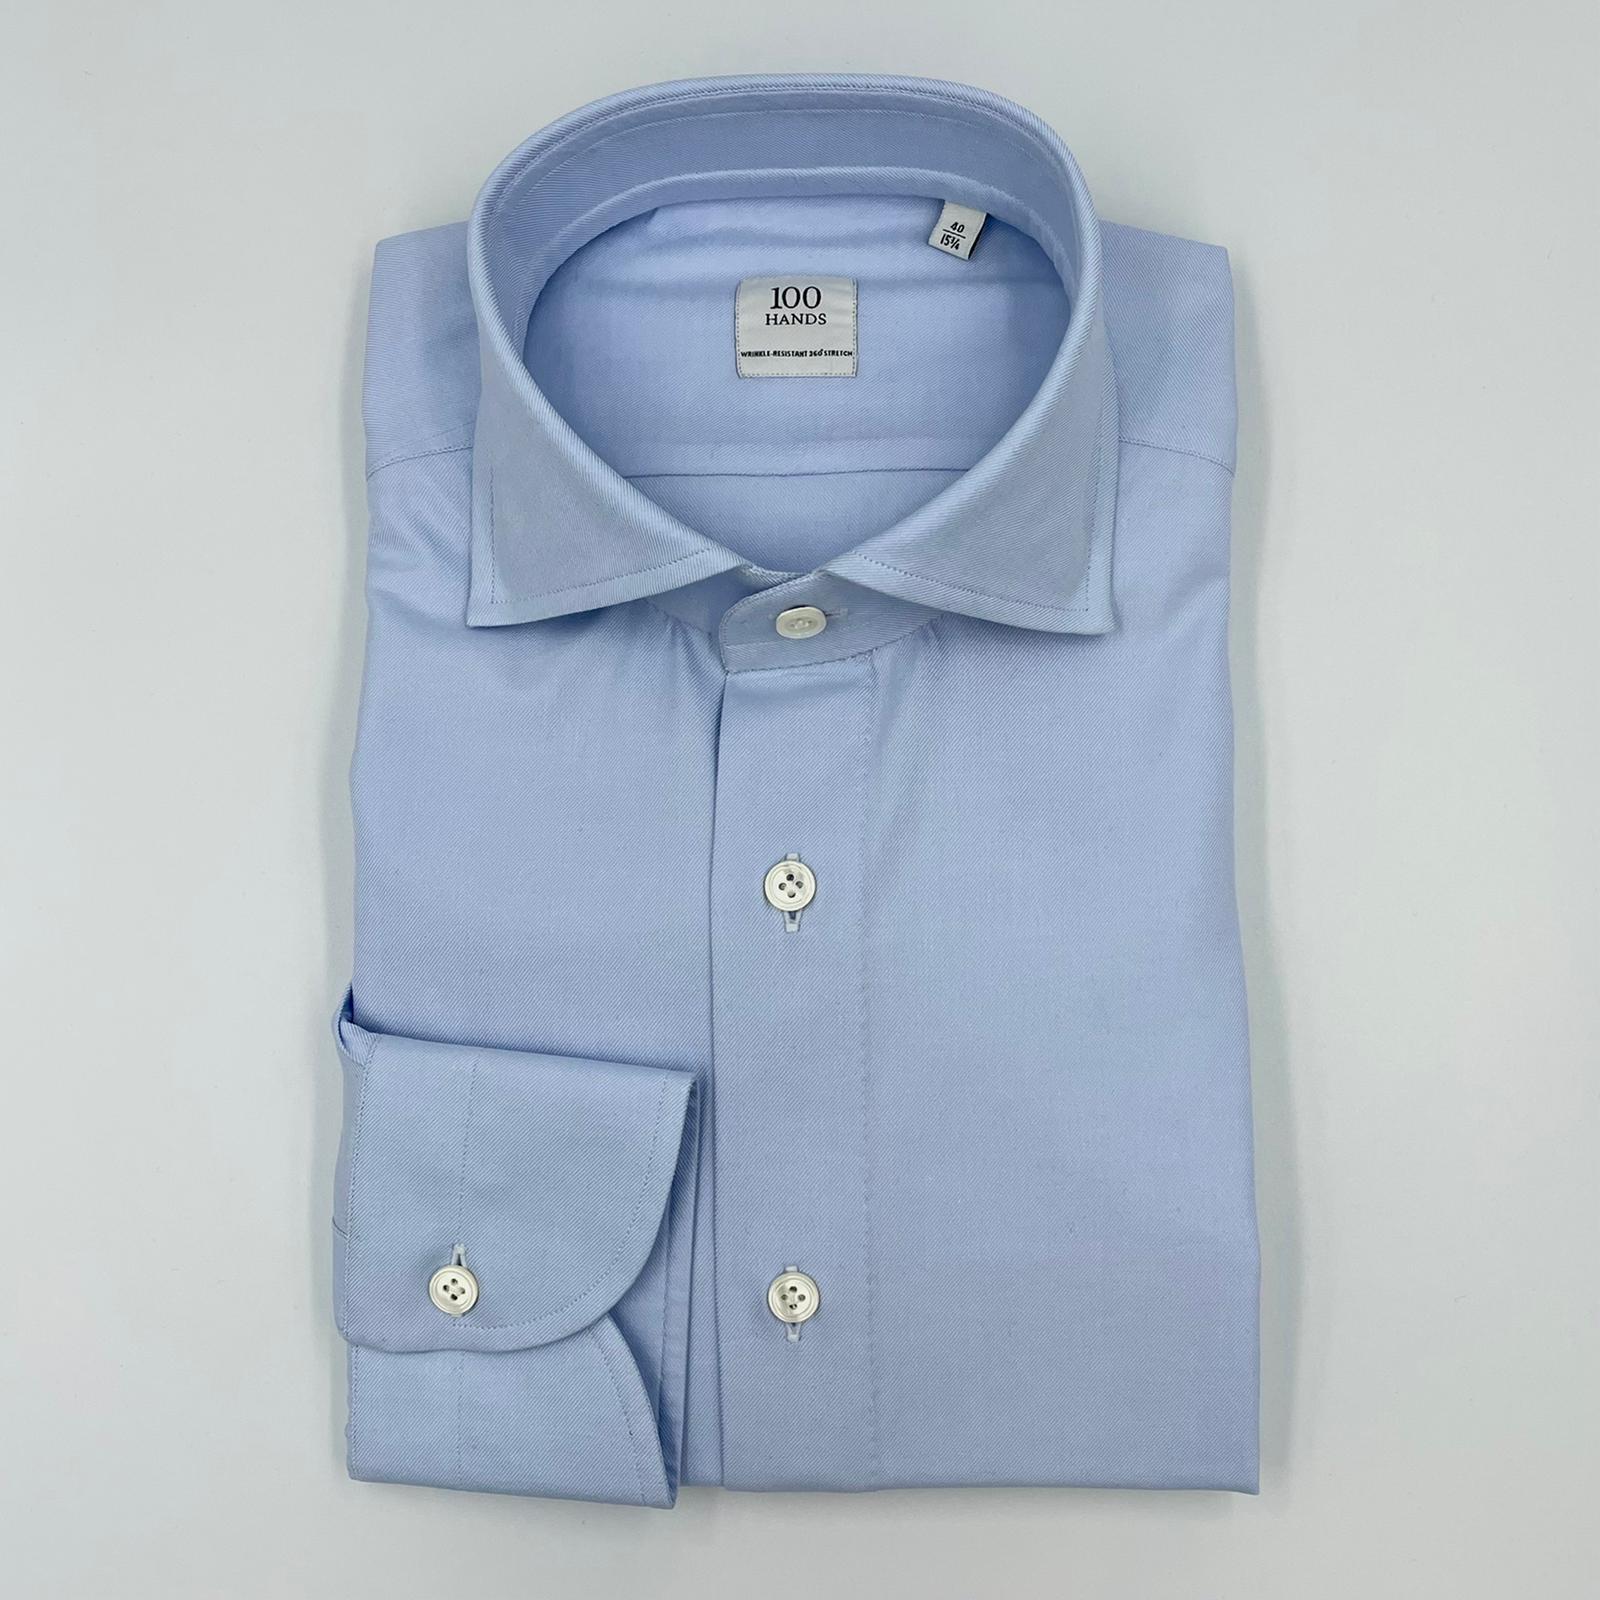 Foto van 100 Hands Shirt Lt Blue